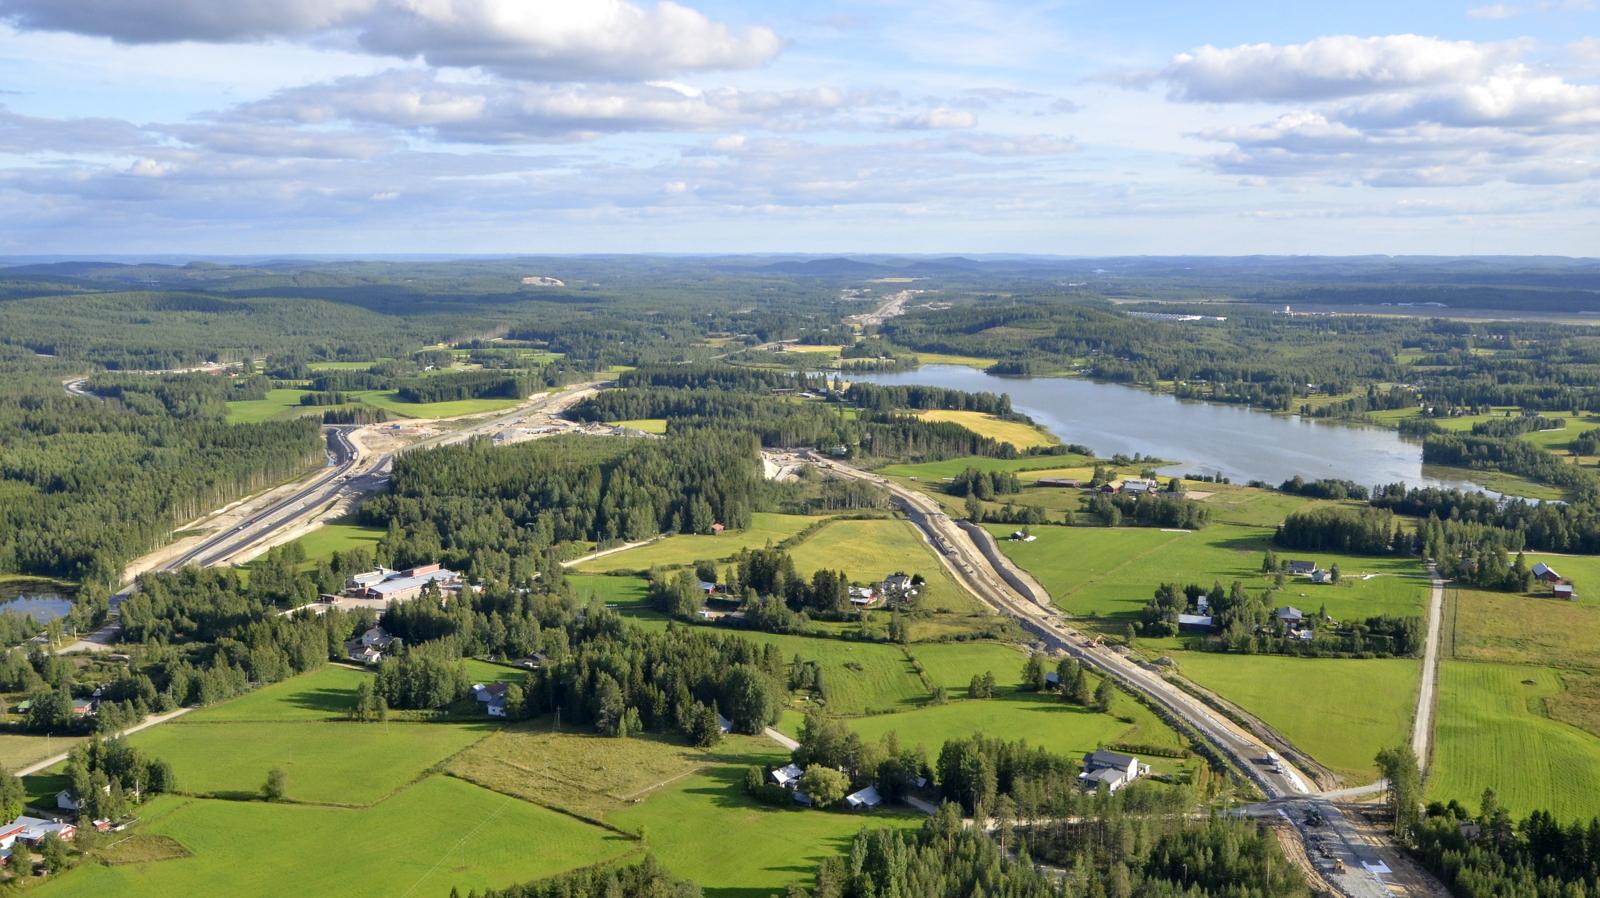 Nyt ollaan Vehniällä, josta liikenne erkanee tuonne vasemmalle rinnakkaistielle. Oikealla Alanenjärvi ja lentokenttä.